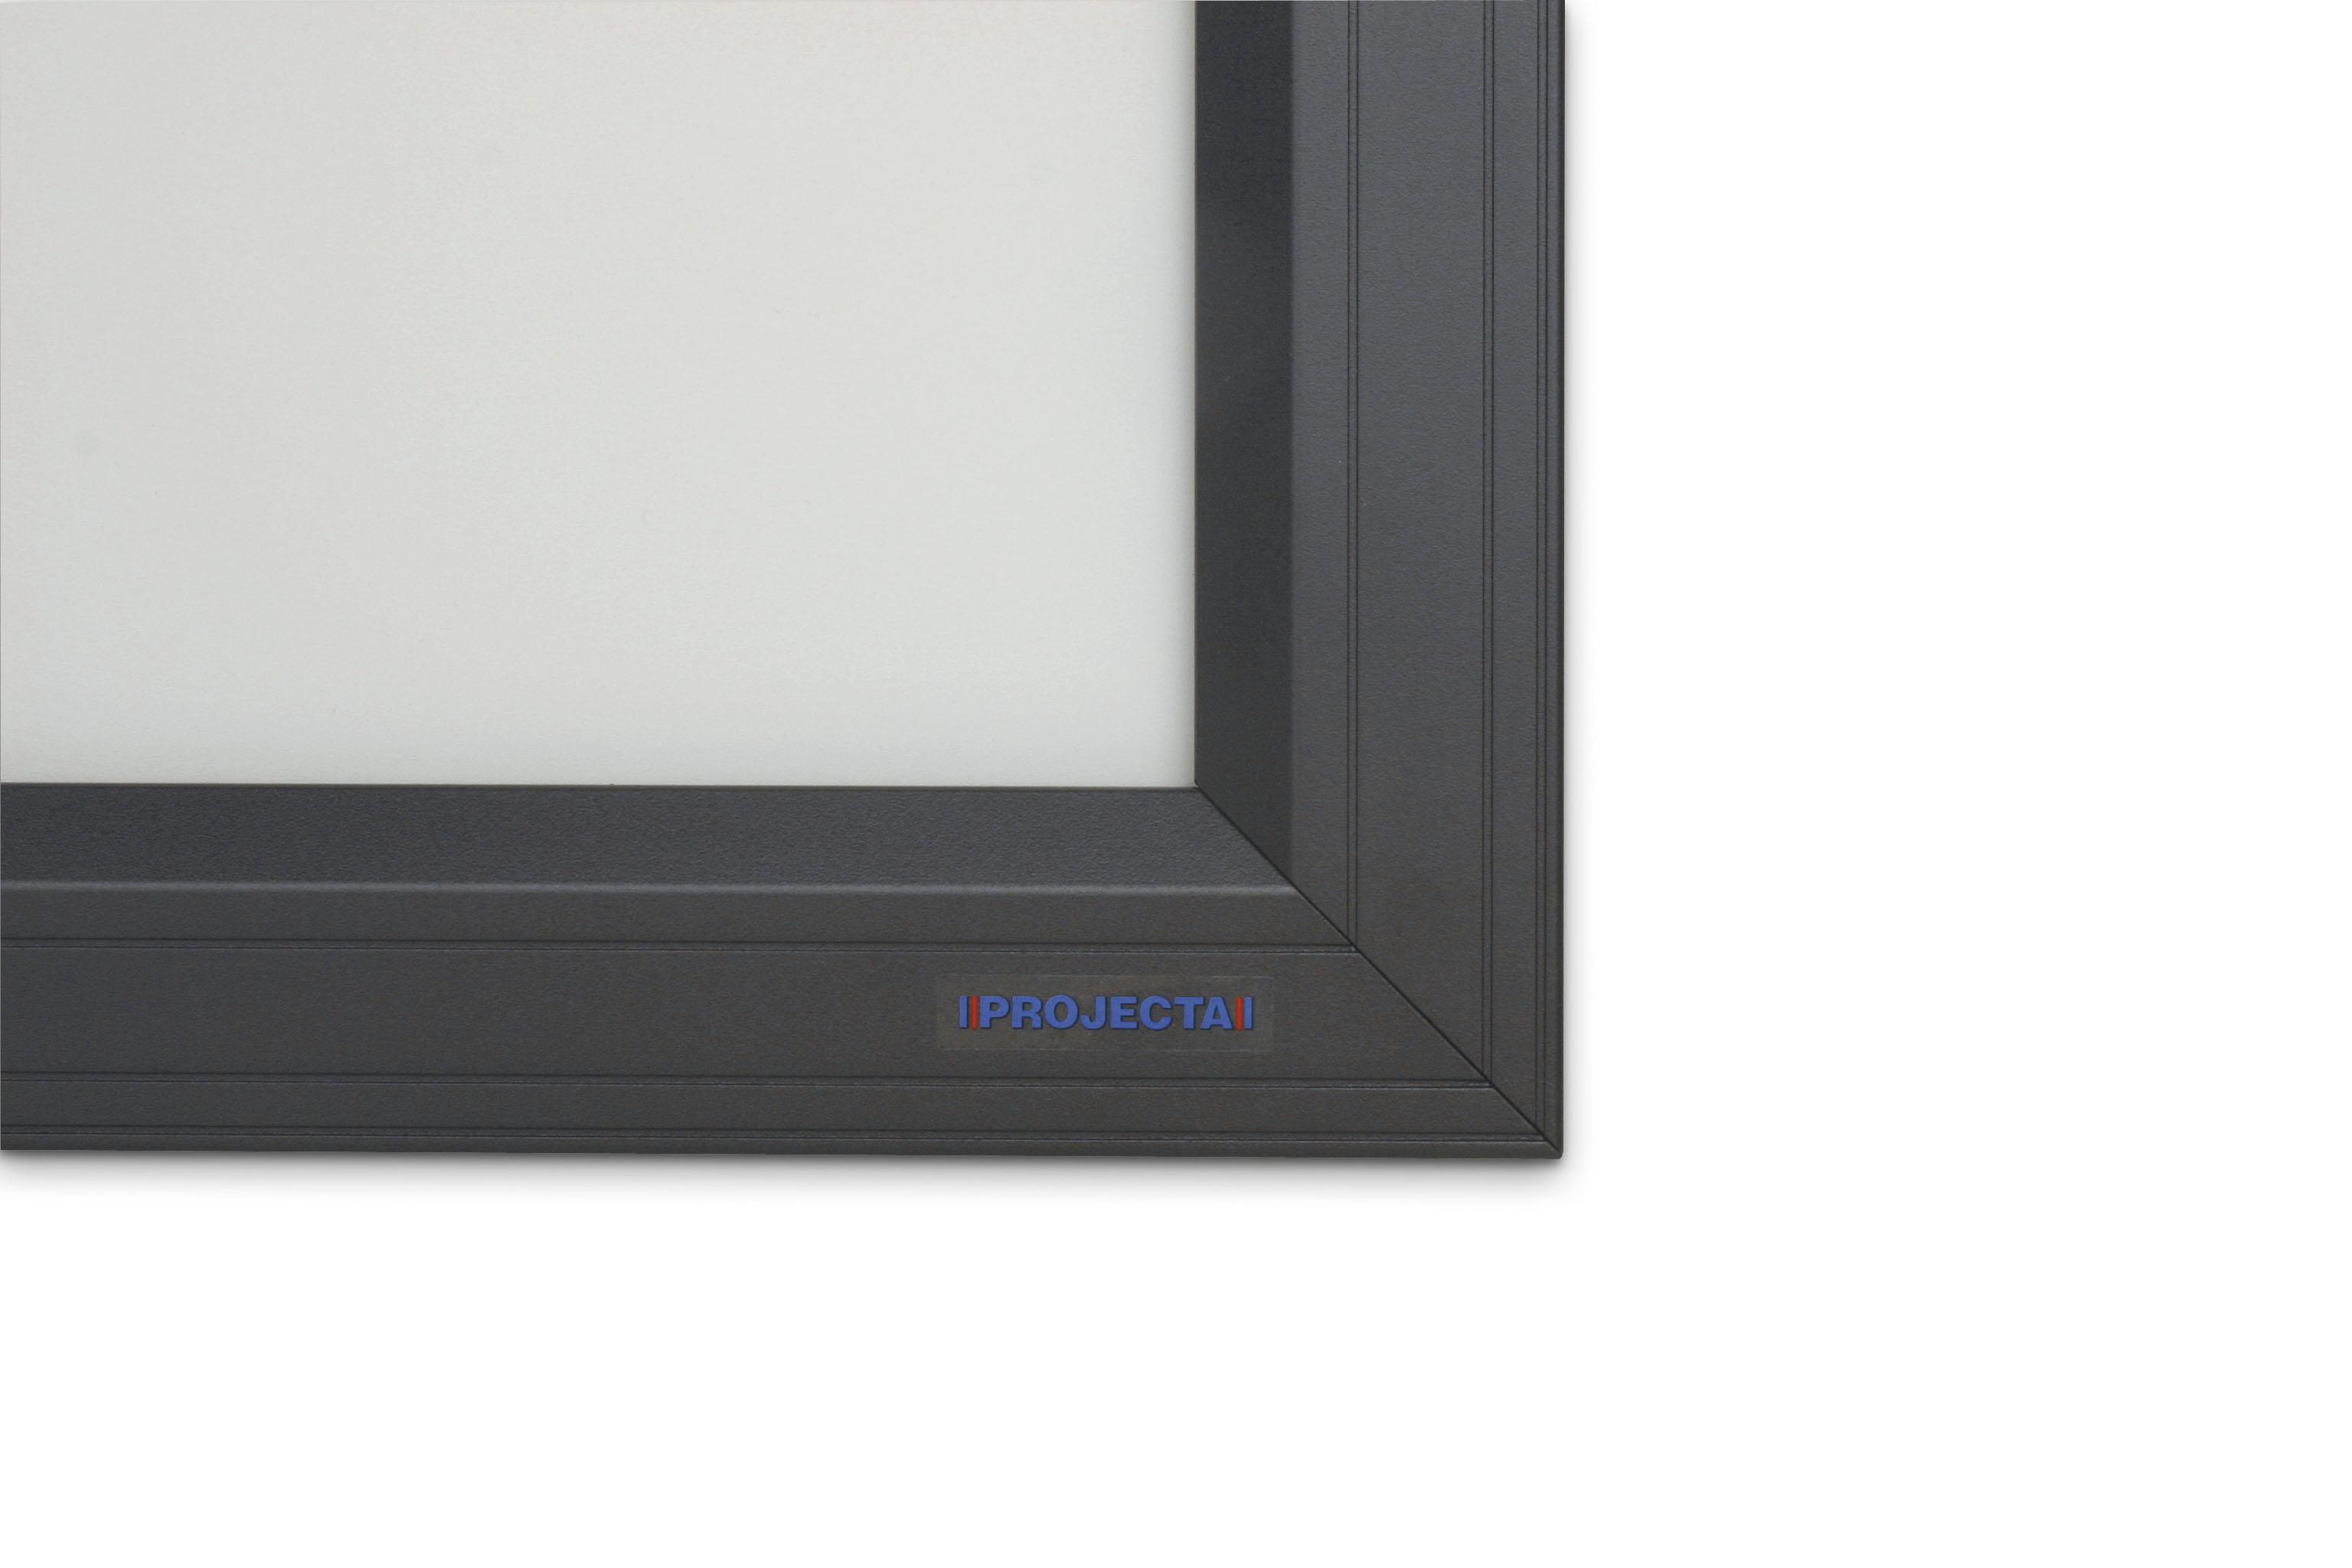 Projecta HomeScreen 4:3 Bianco schermo per proiettore